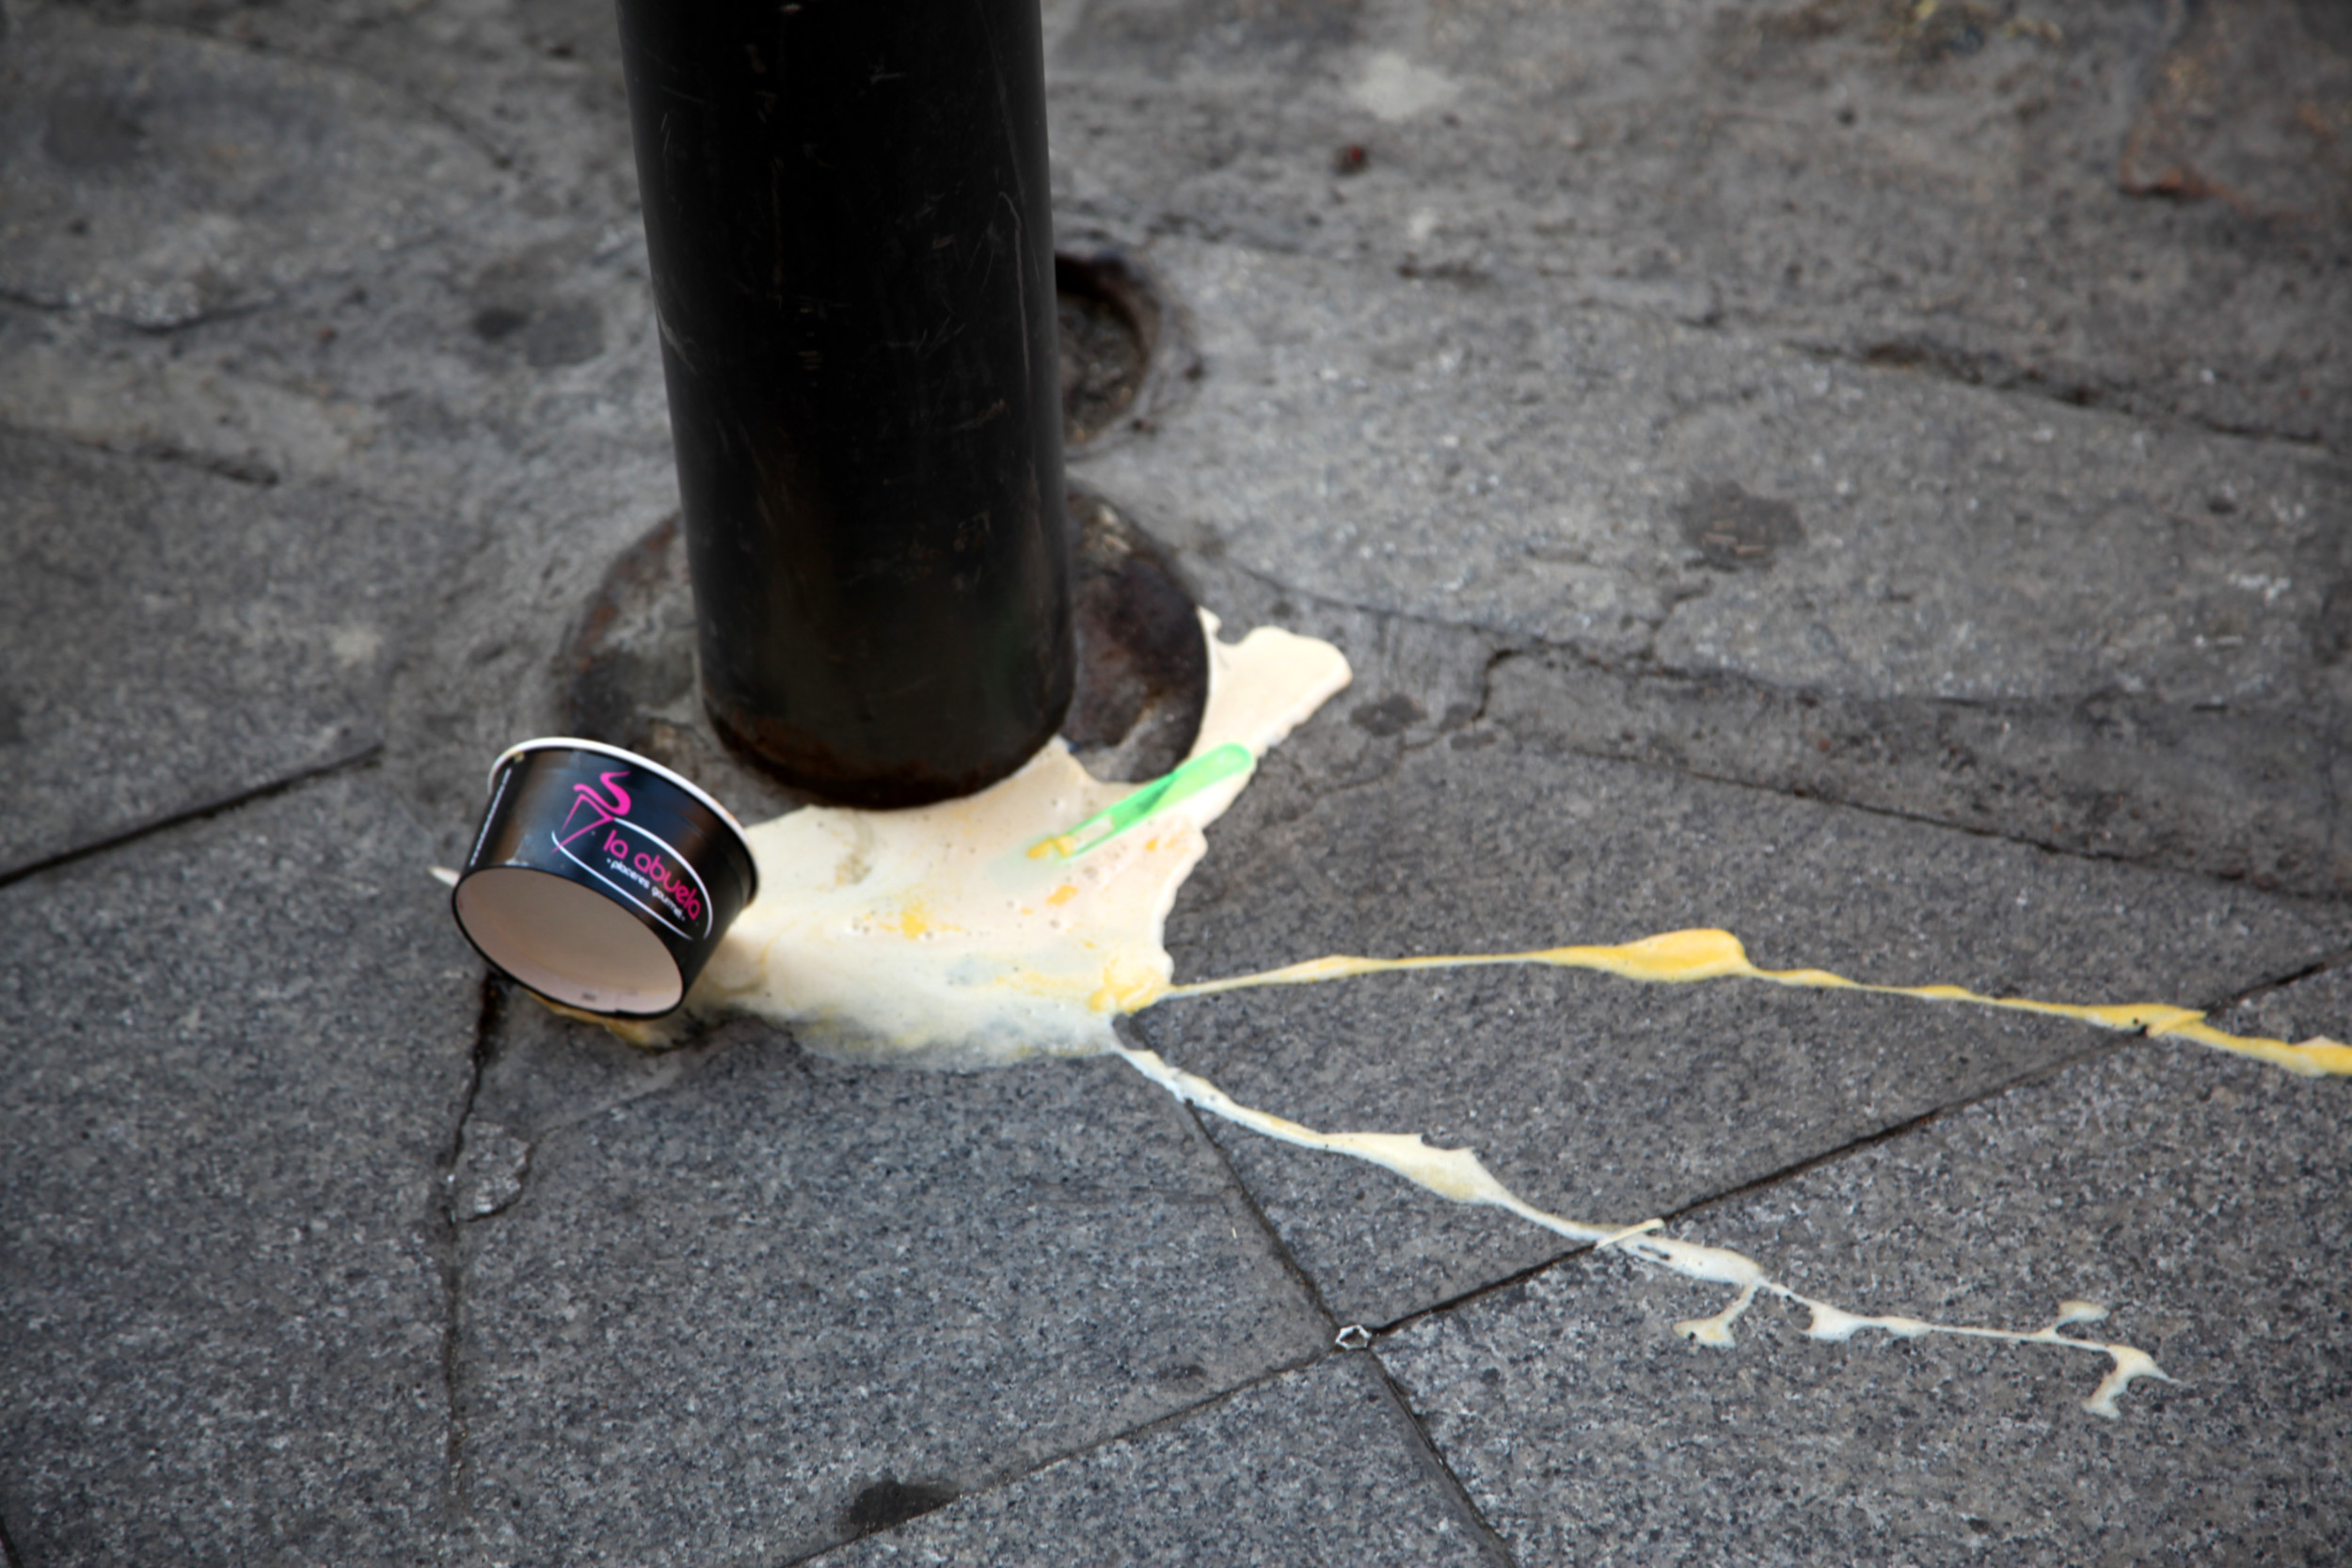 Fallen yogurt, Ireland